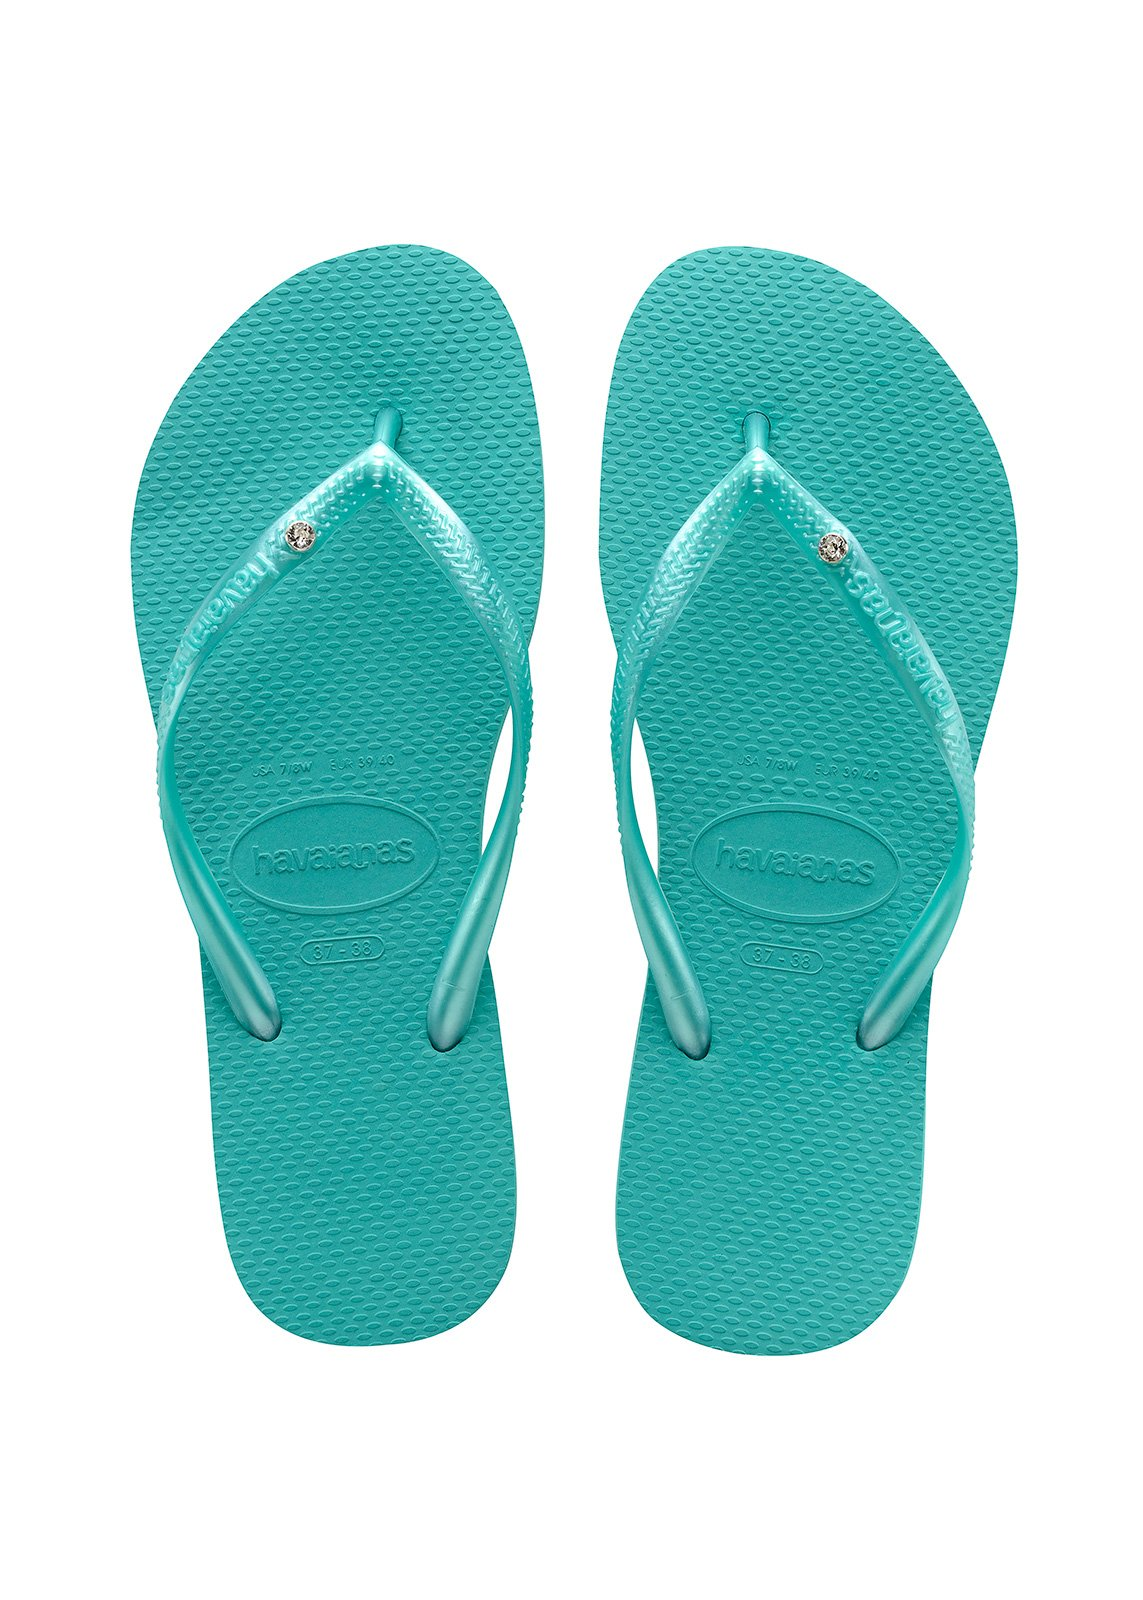 Flip-Flops Flip-Flops - Havaianas Slim Crystal Sw Lake Green-5687